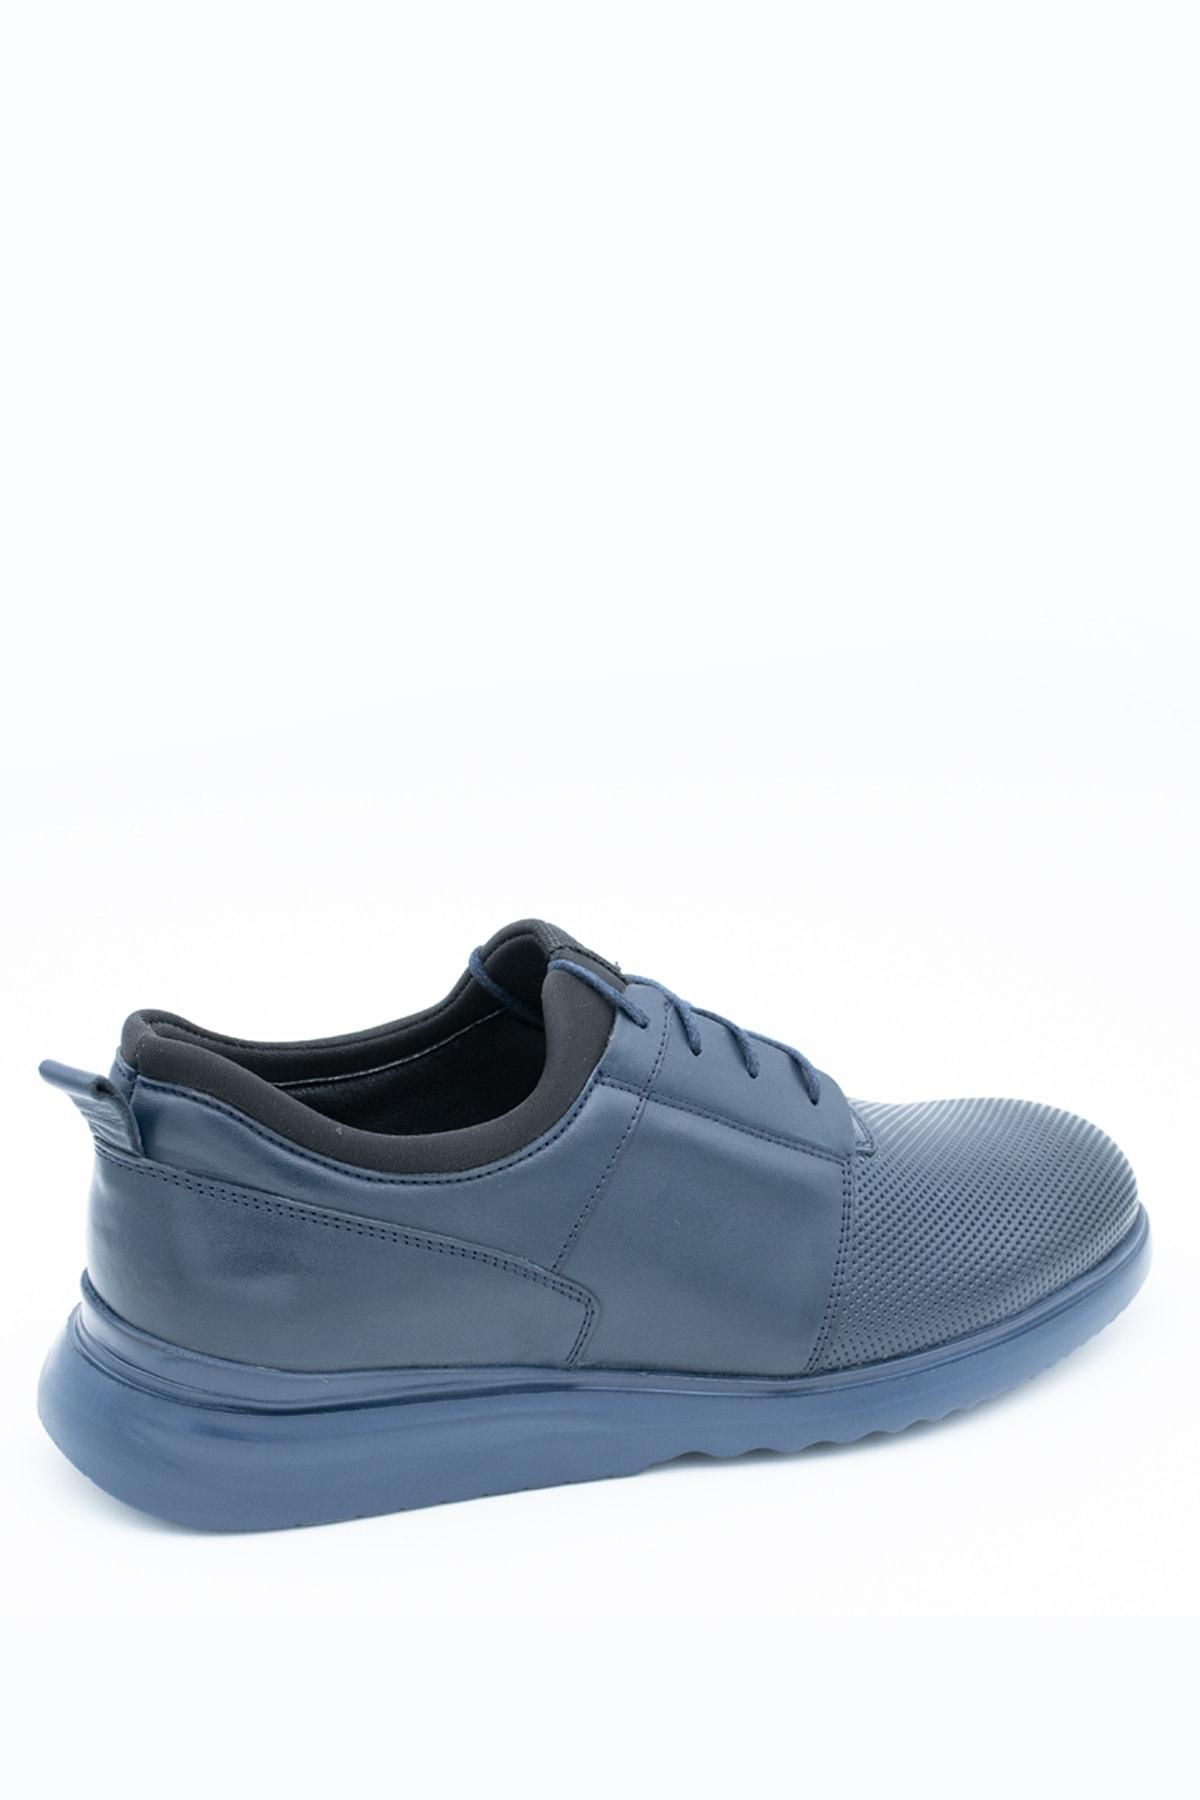 İgs Erkek Lacivert Günlük Ayakkabı i20w-102-2-2 M 1000 2